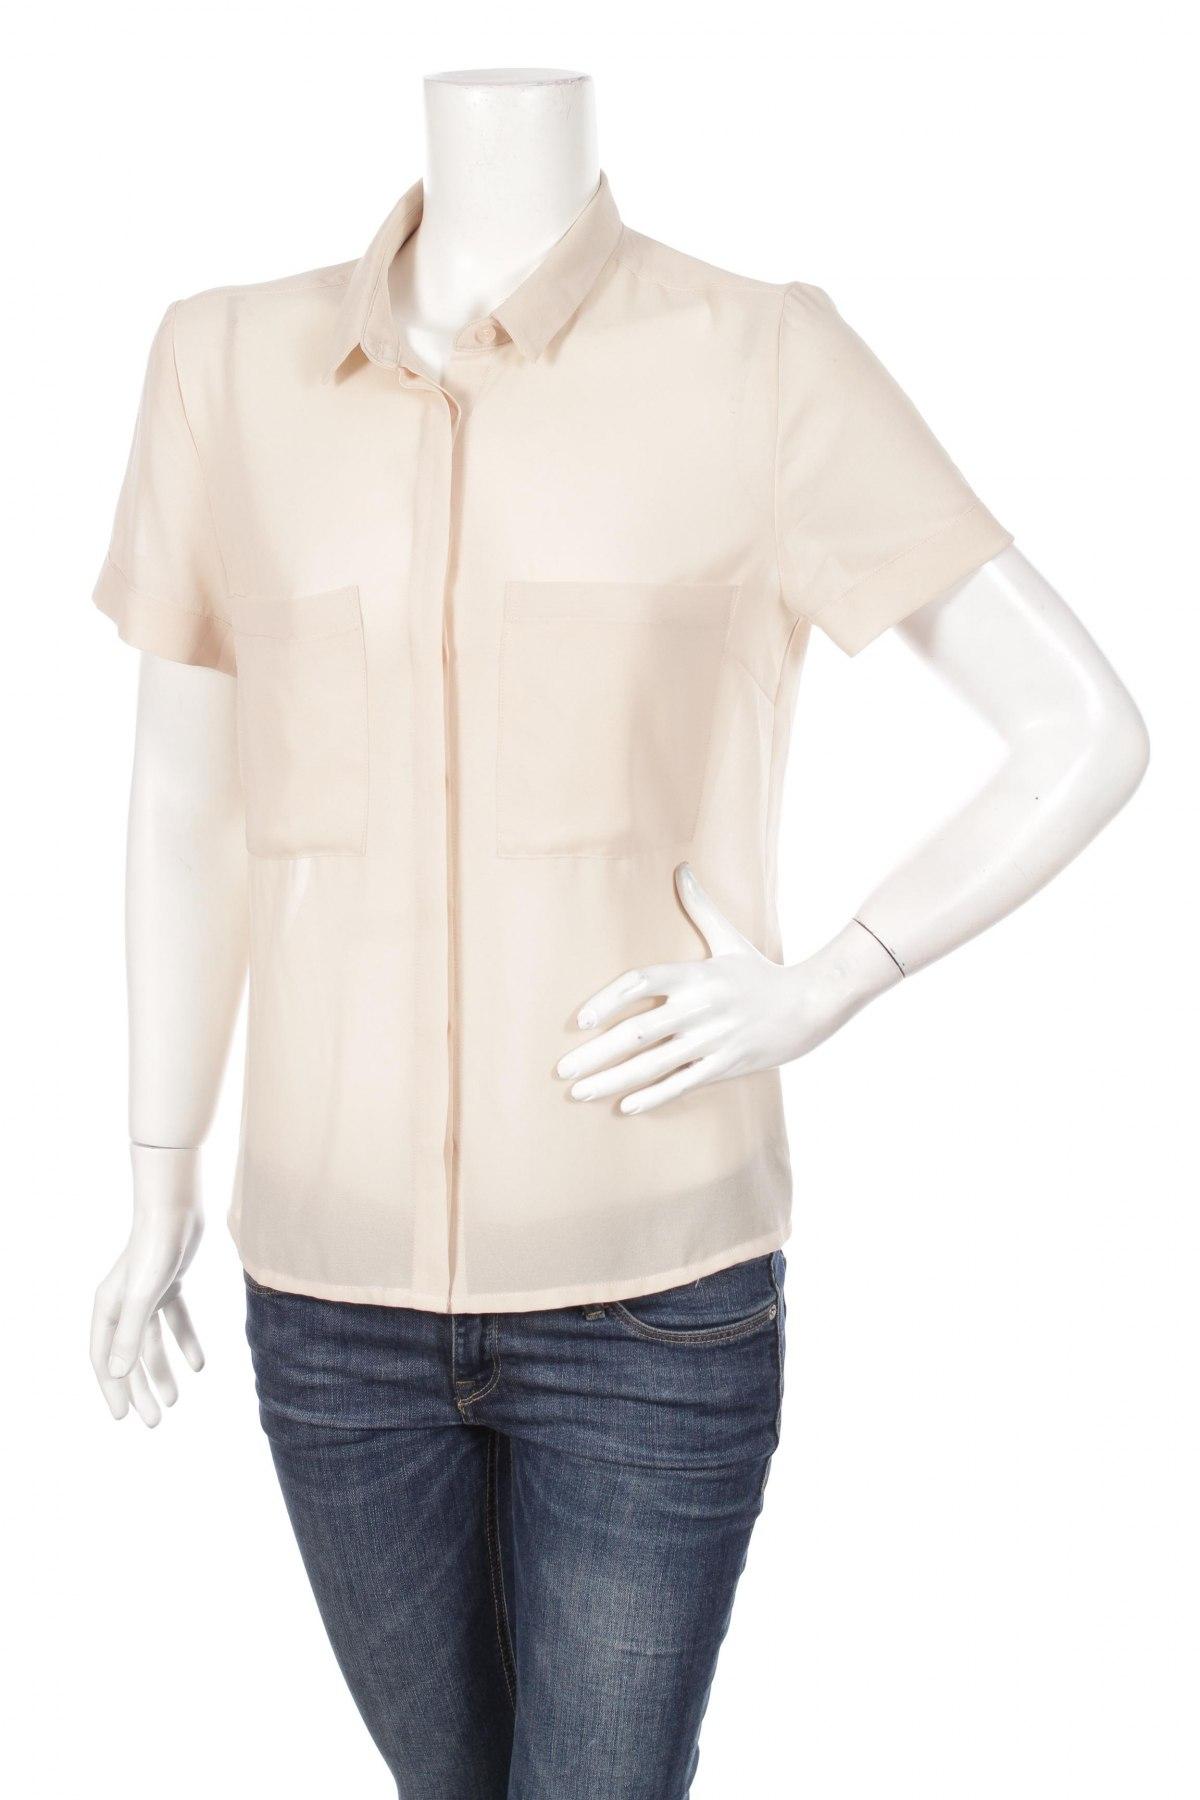 Γυναικείο πουκάμισο By Second Female